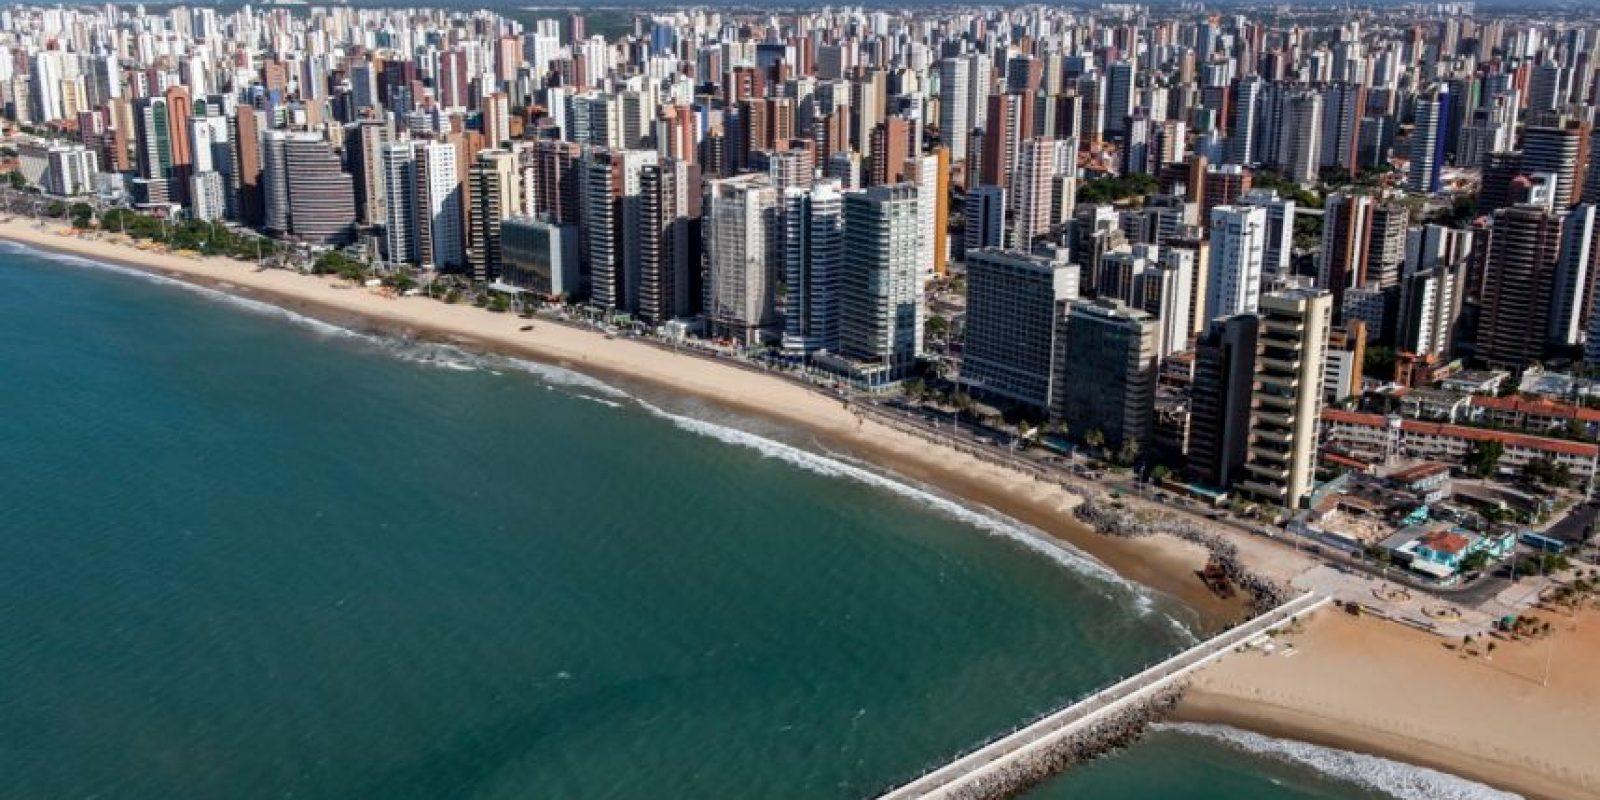 Otra ciudad de Brasil, Fortaleza, ocupa el octavo lugar con una tasa de 66.55 por ciento de homicidios por cada 100 mil habitantes. Foto:vía wikipedia.org